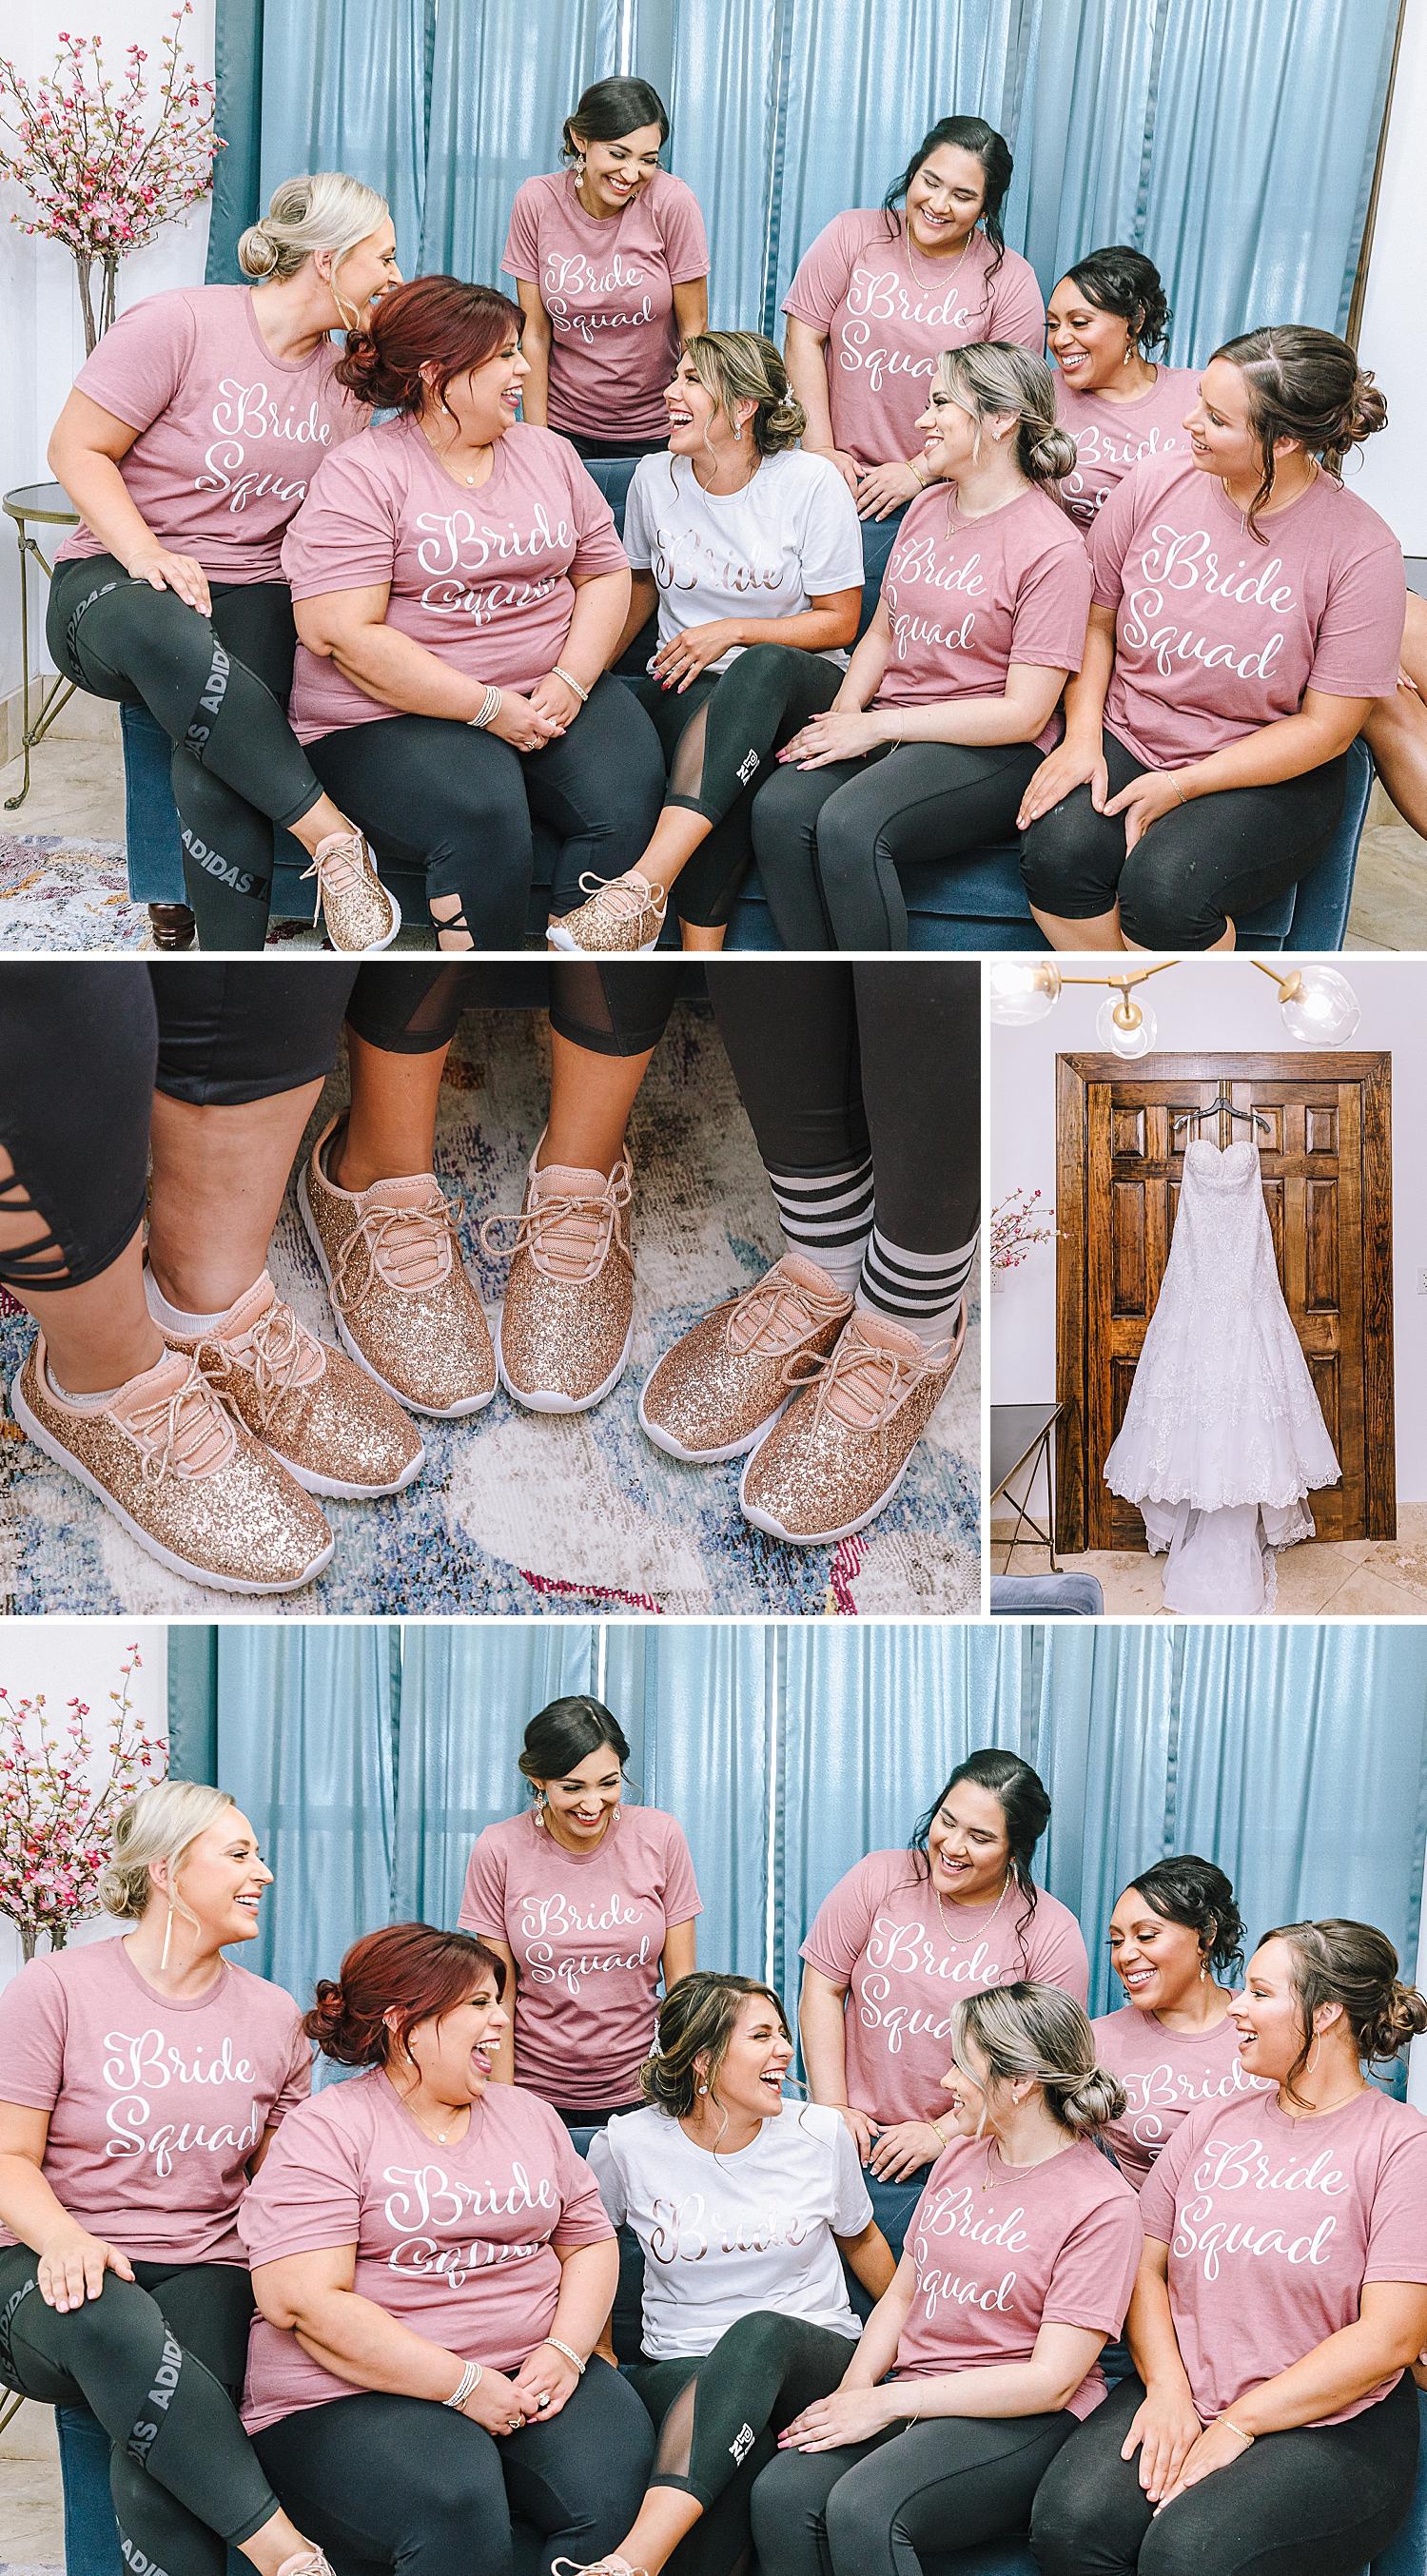 Carly-Barton-Photography-The-Villa-at-Cielo-Vista-Blush-Gold-White-Wedding-Photos_0107.jpg